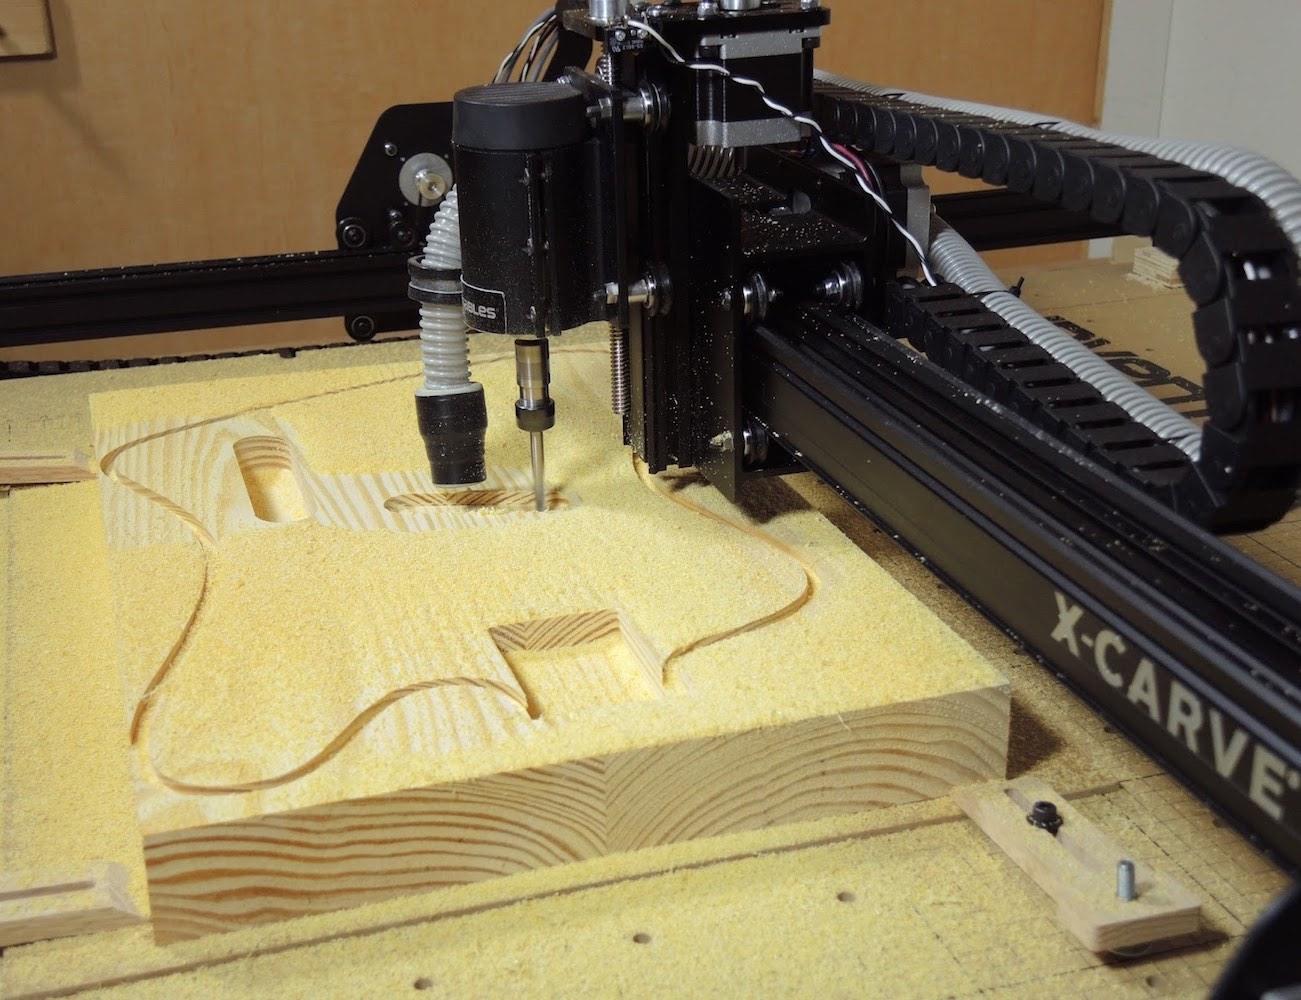 X-Carve+Open+Source+CNC+Machine